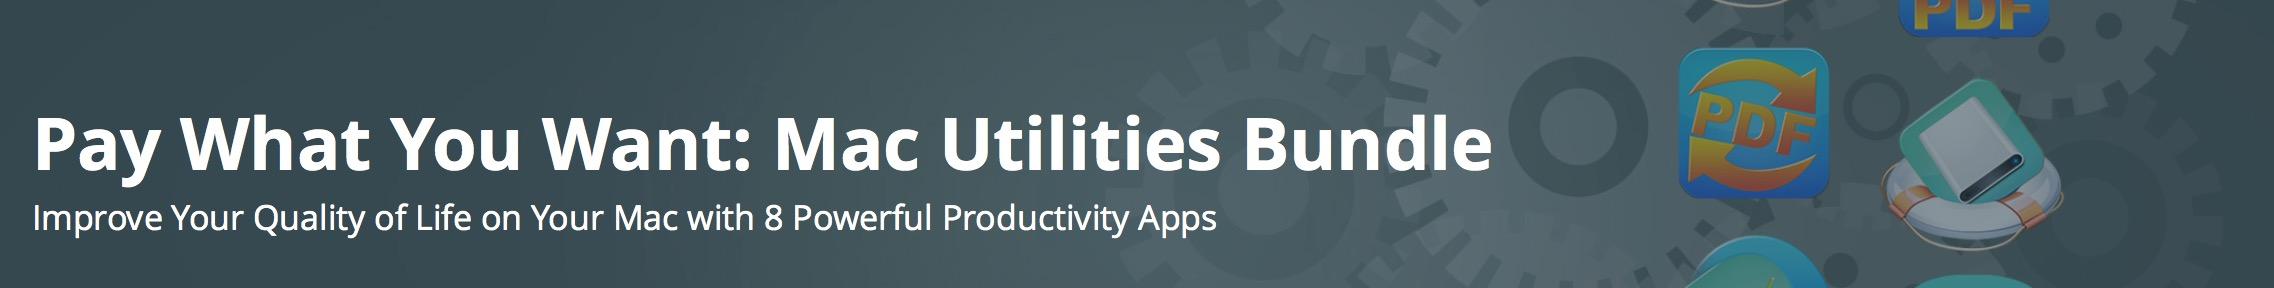 Mac Utilities Bundle 3